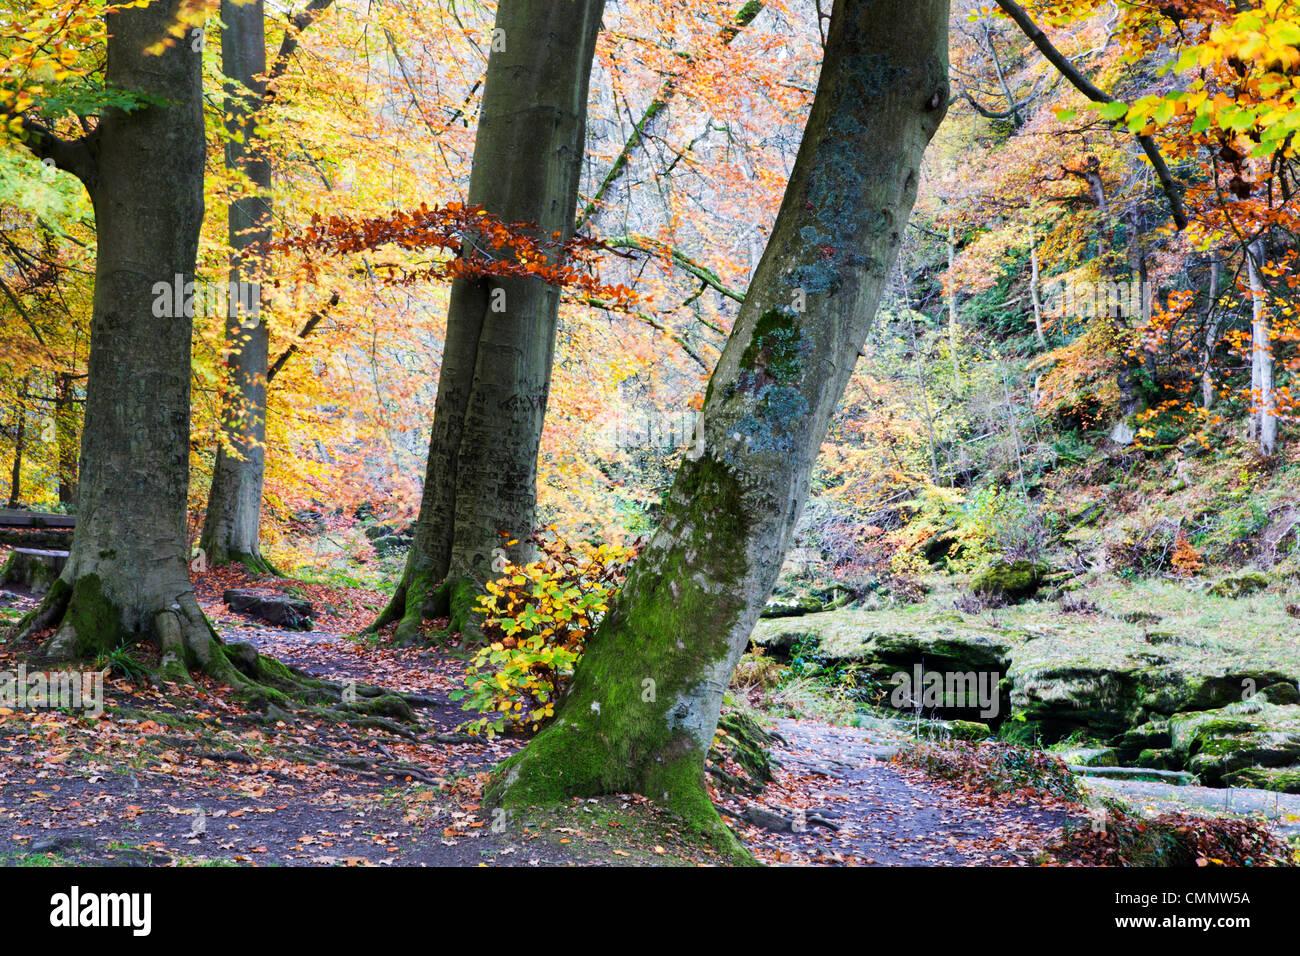 Les arbres d'automne par la SRCFA au bois de la SRCFA, Skipton, Yorkshire, Angleterre, Royaume-Uni, Europe Photo Stock